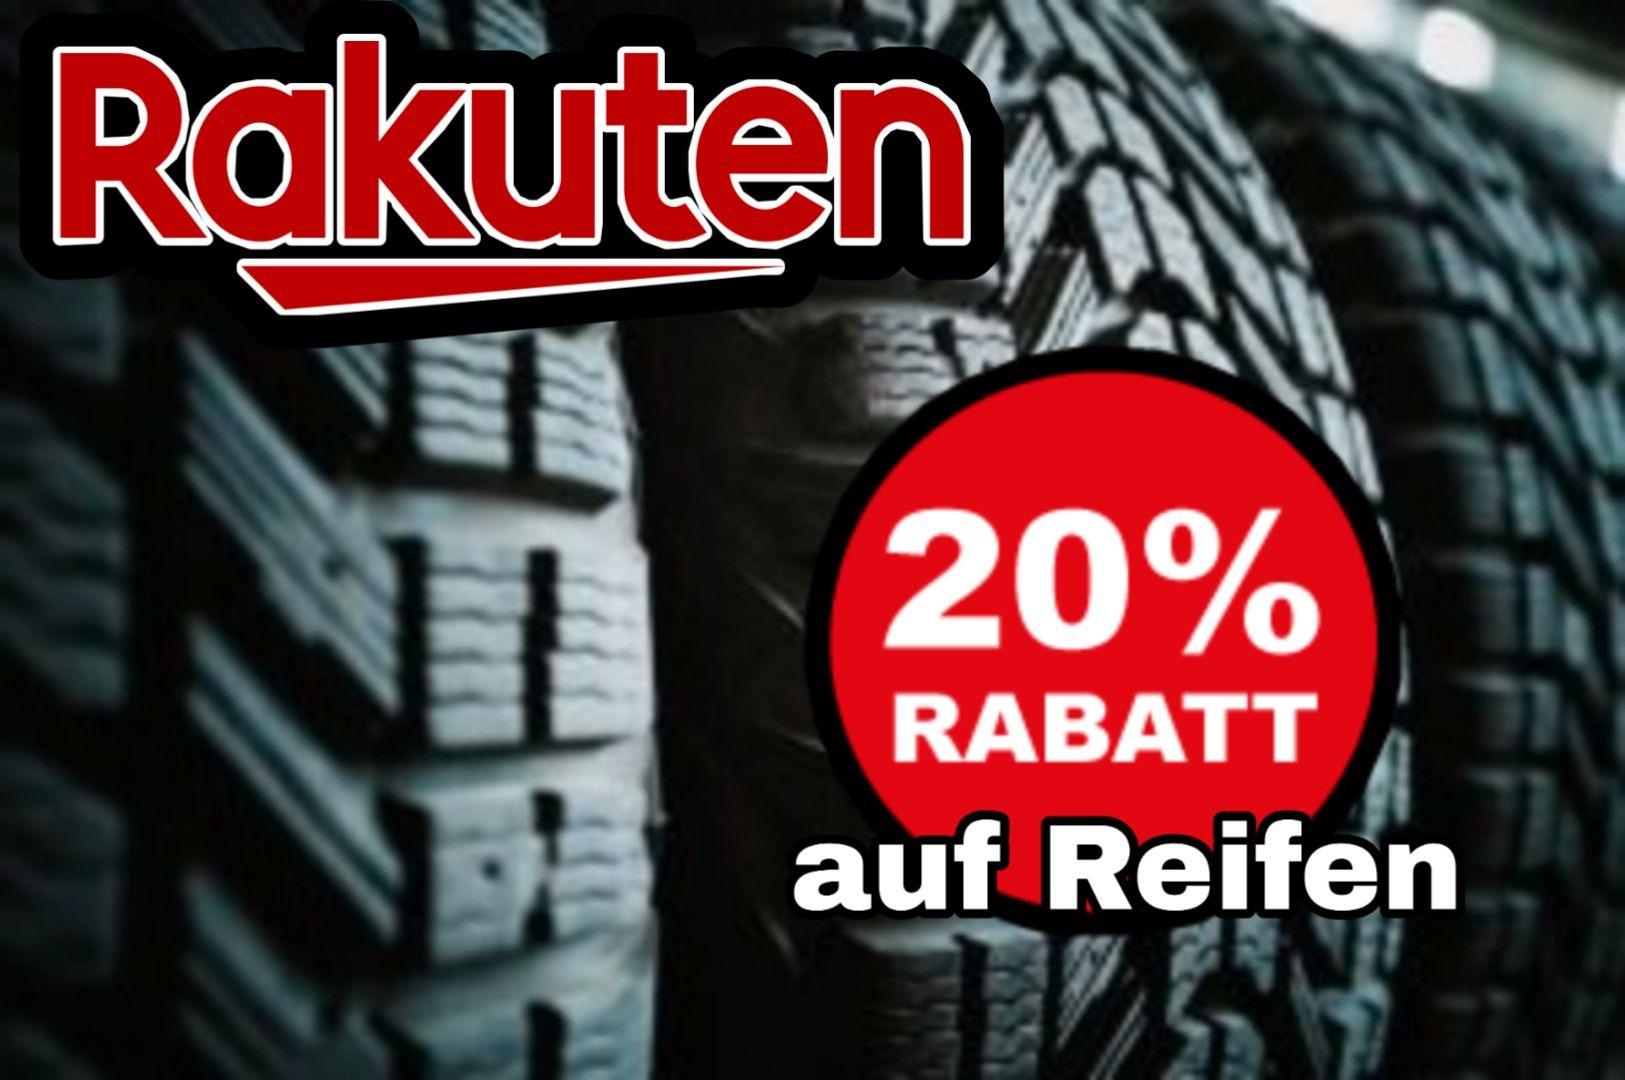 Rakuten 20% auf Reifen mittels Gutscheincode